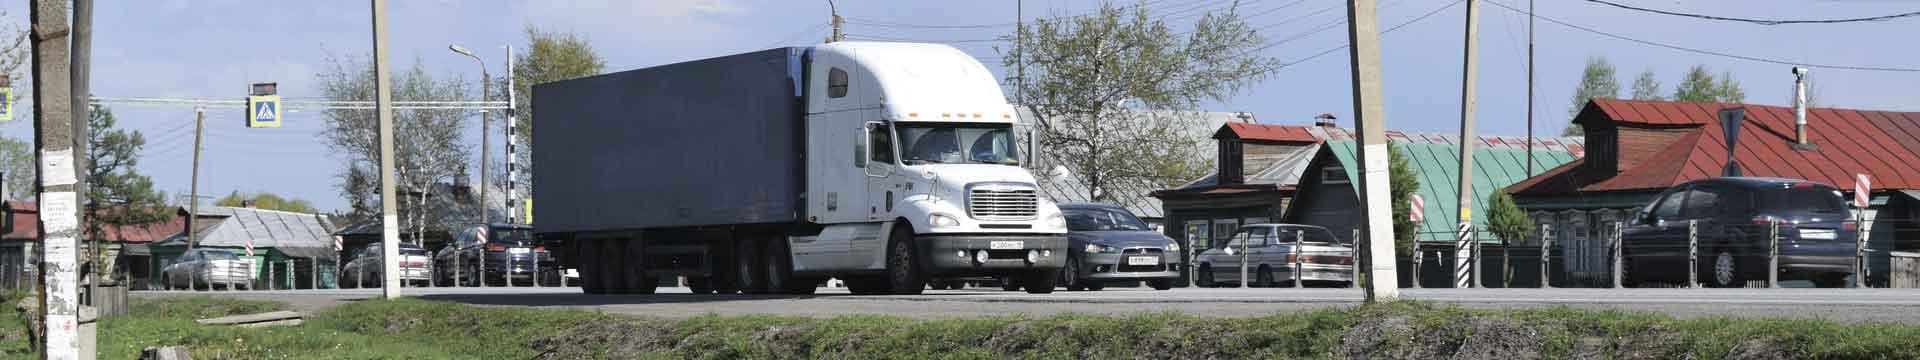 Американский грузовик на трассе